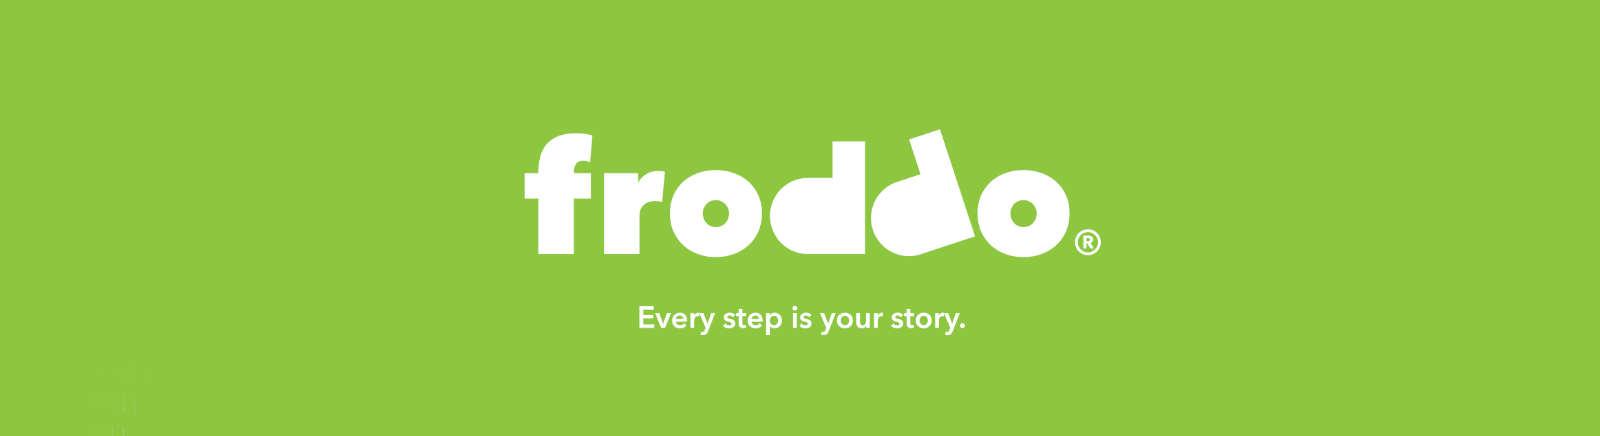 Prange: Froddo Winter-Boots online shoppen